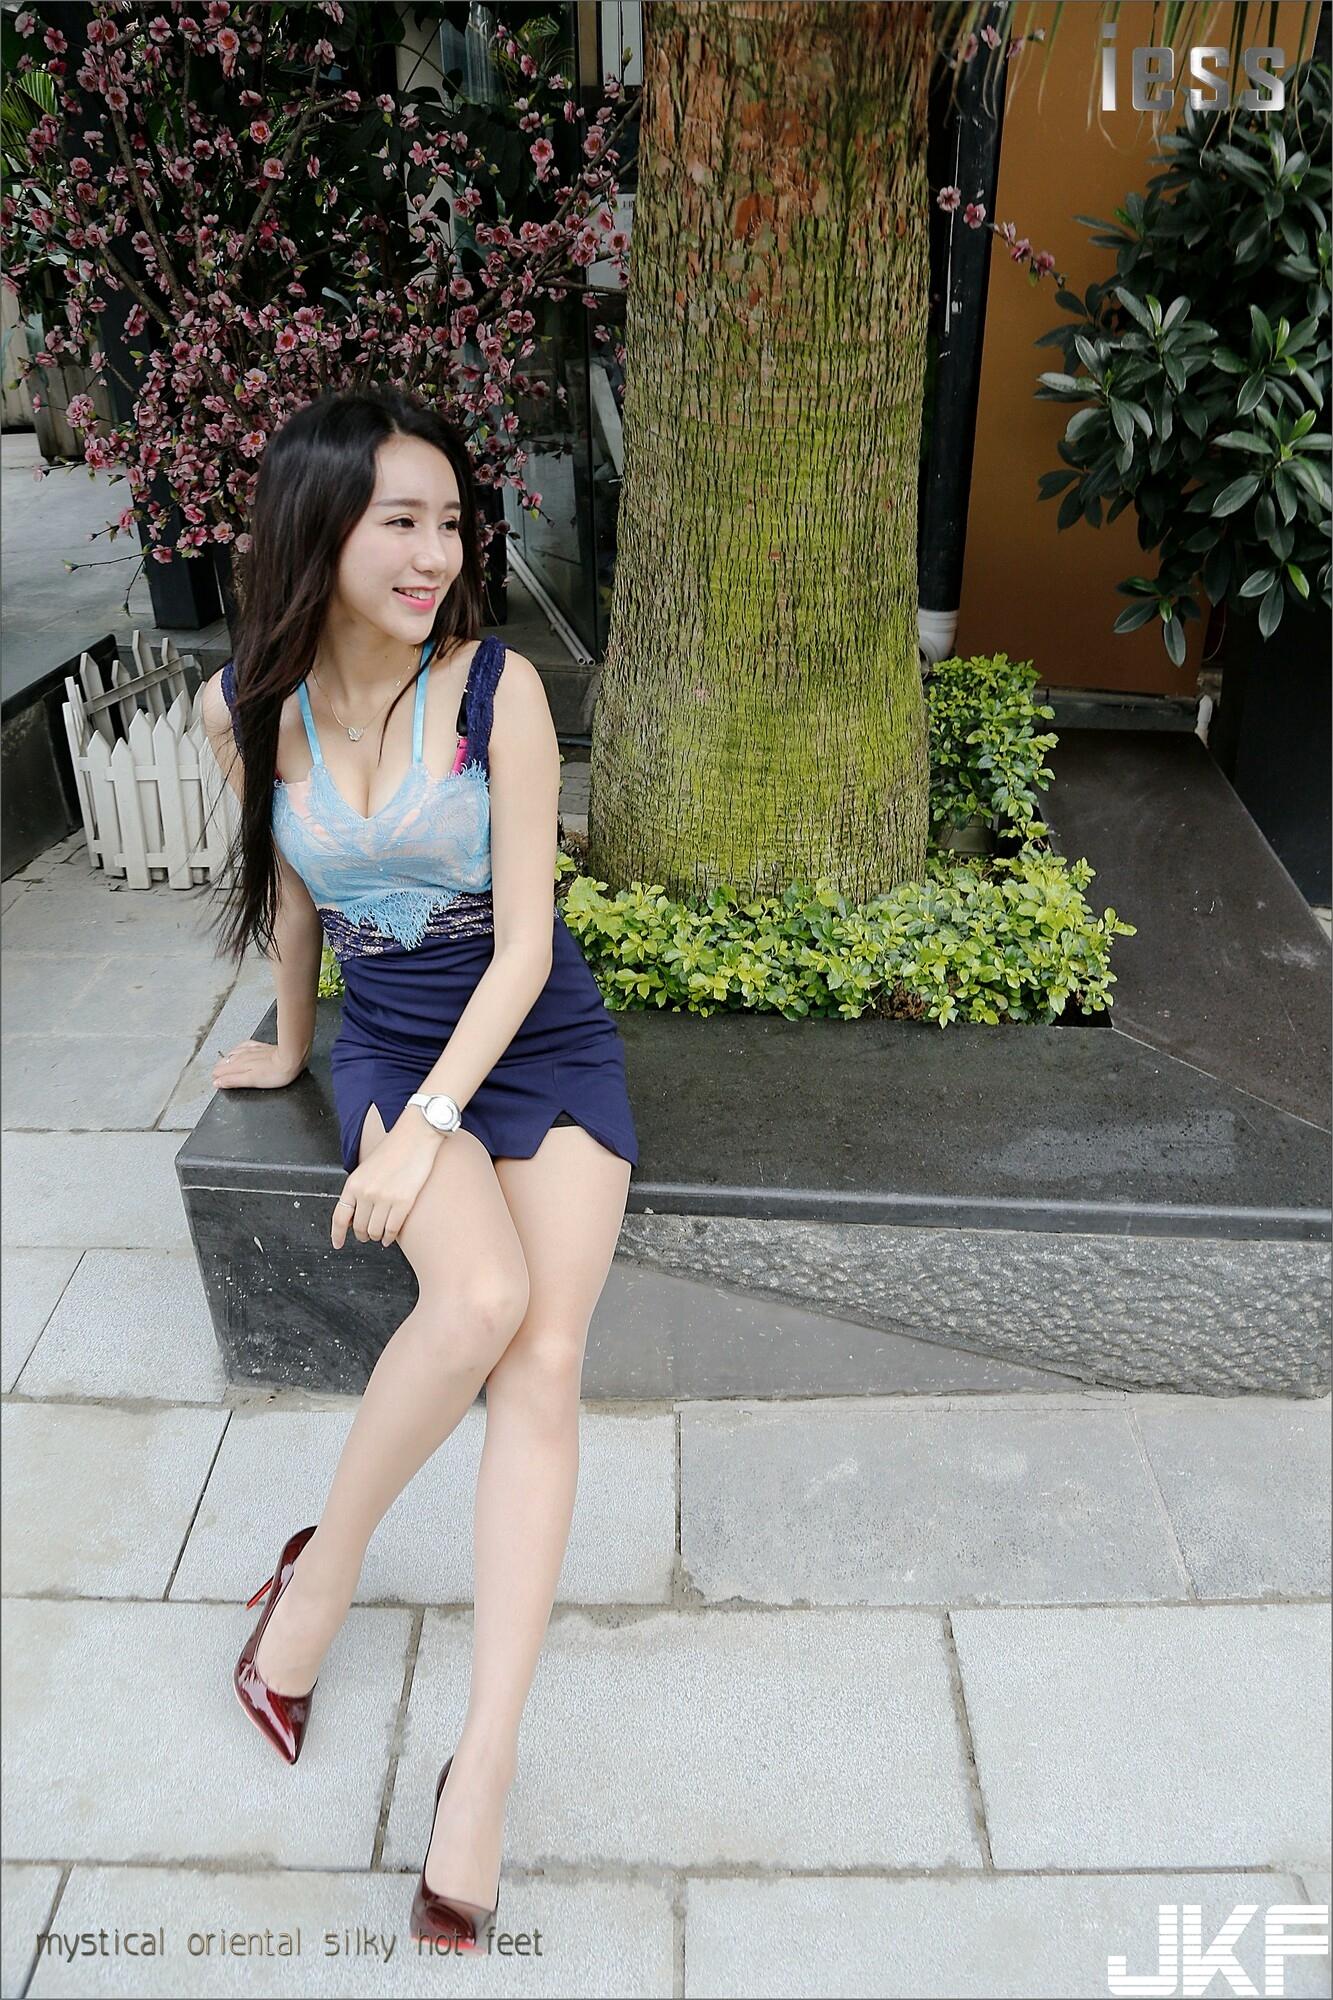 【IESS異思趣向系列】女主播SASA 午後高跟美腿【99P】 - 貼圖 - 絲襪美腿 -